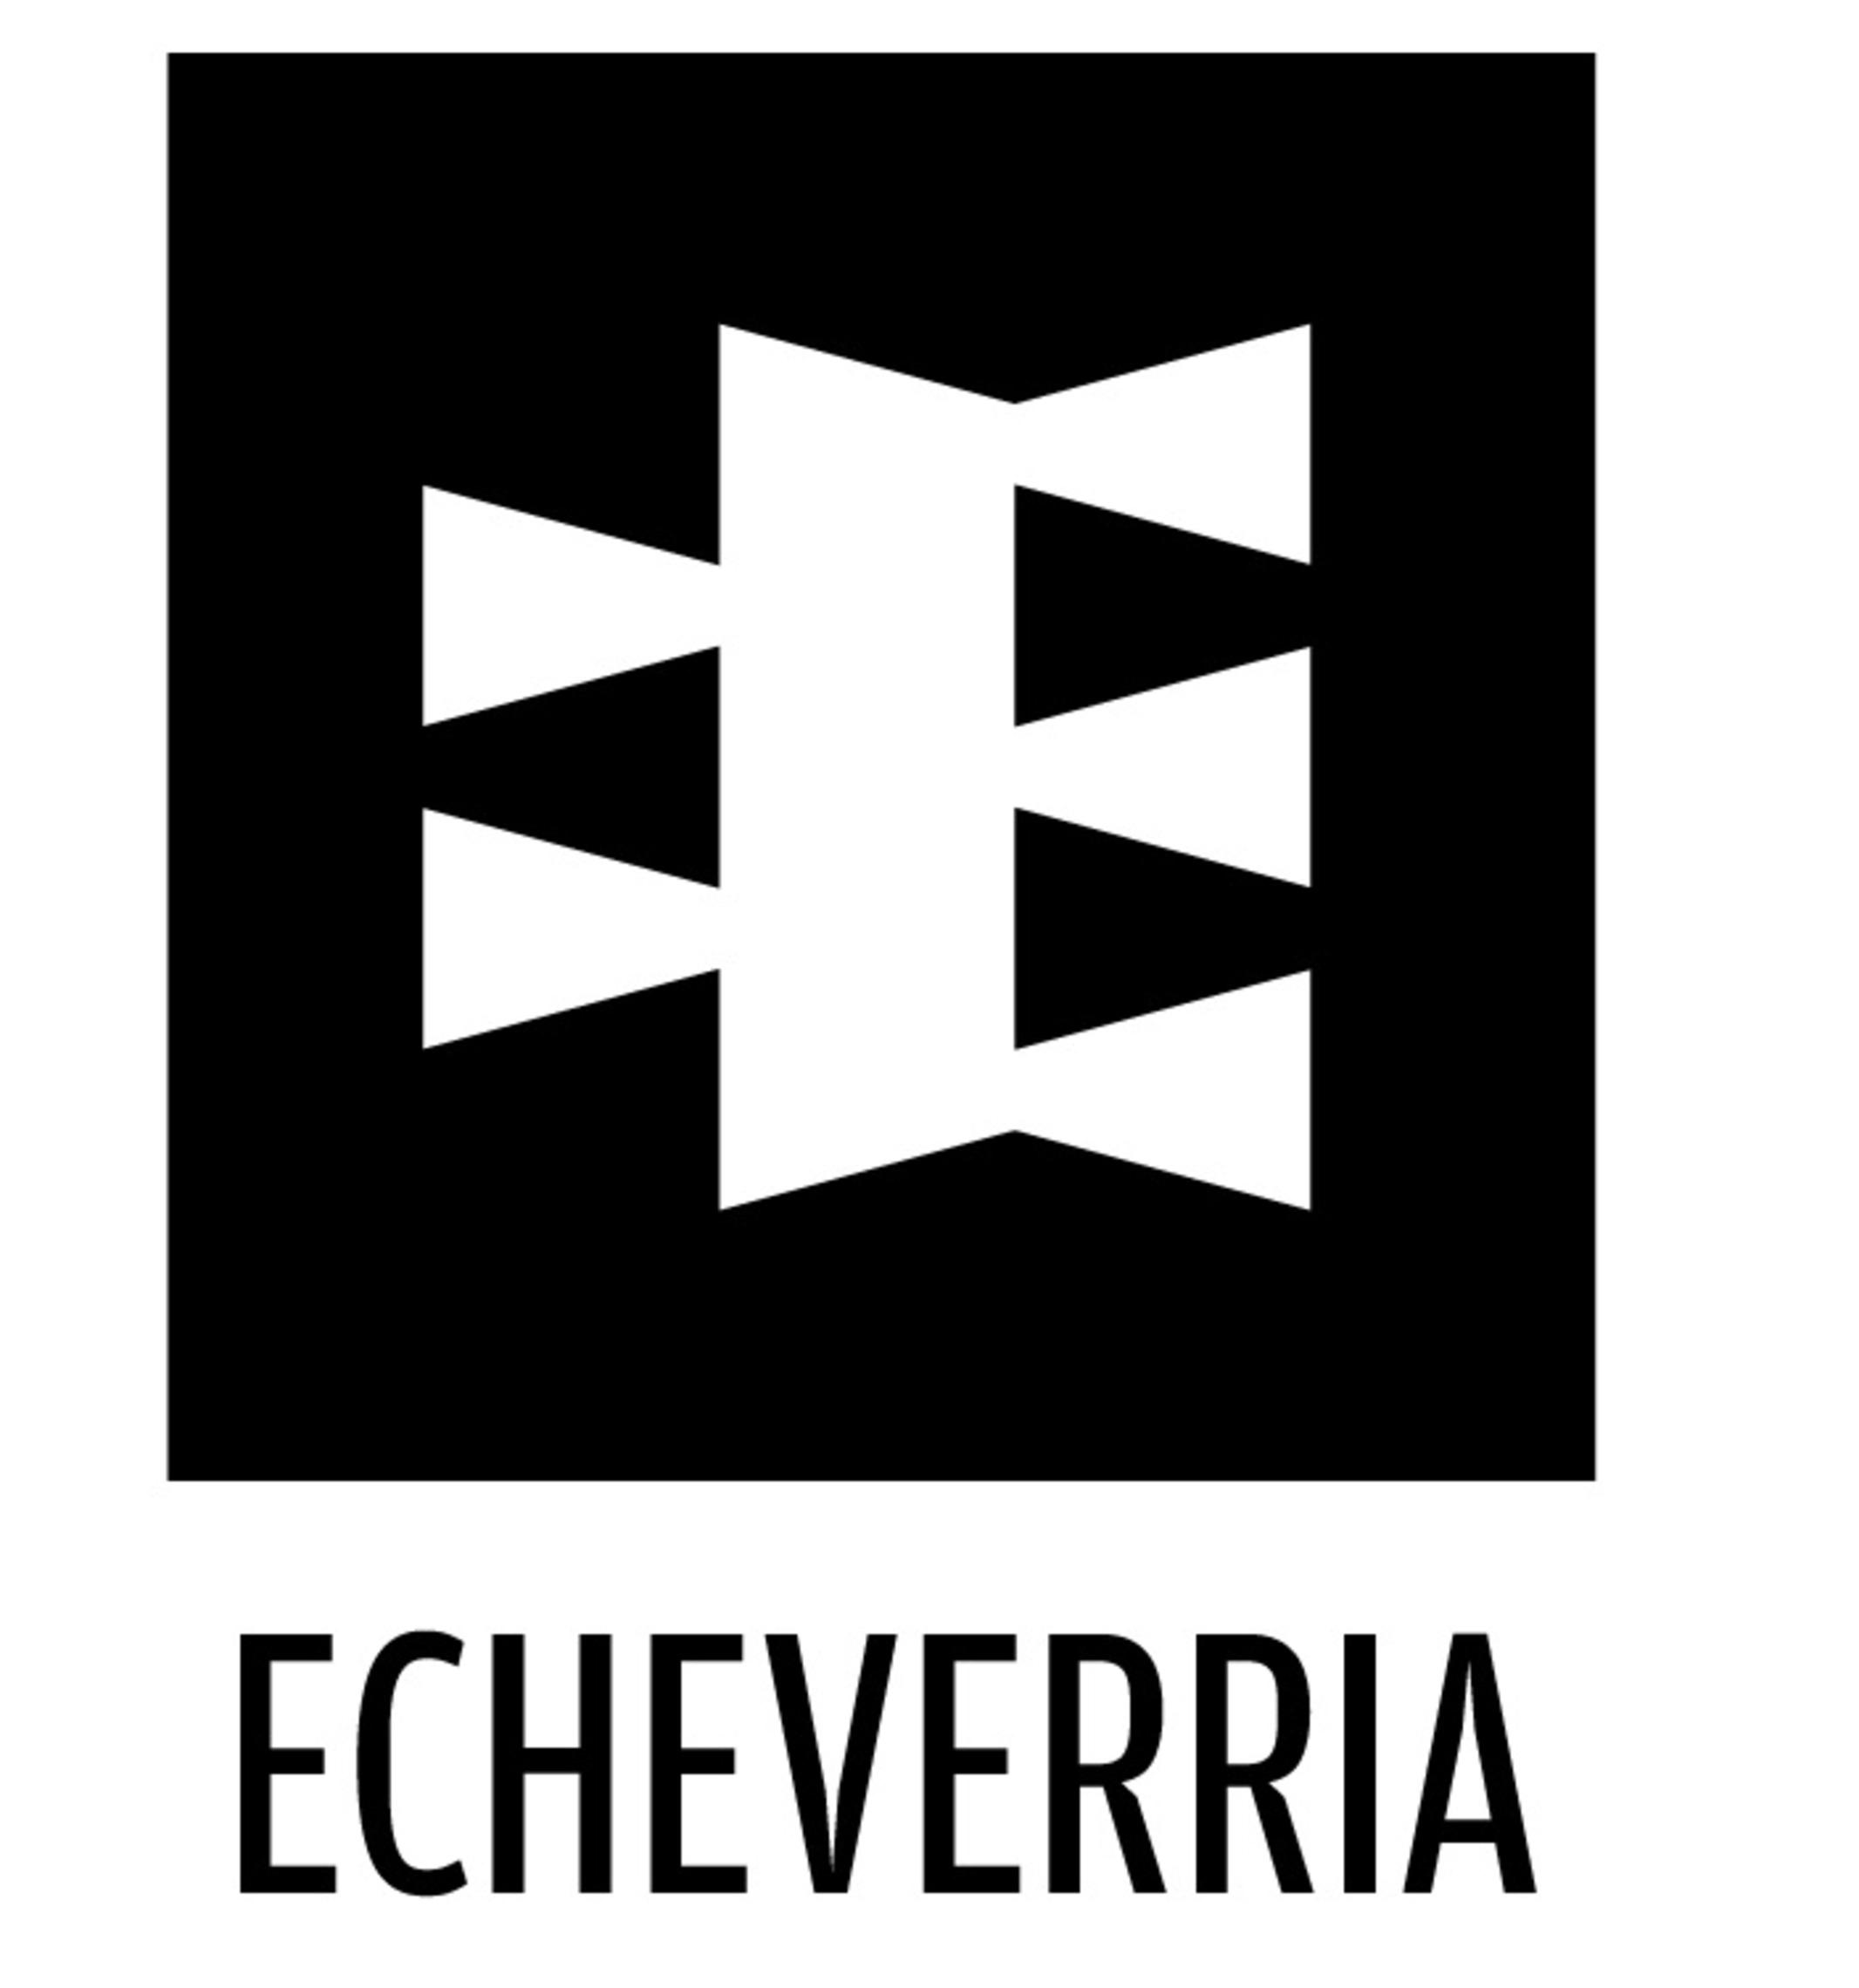 fernando echeverria shoes- company logo